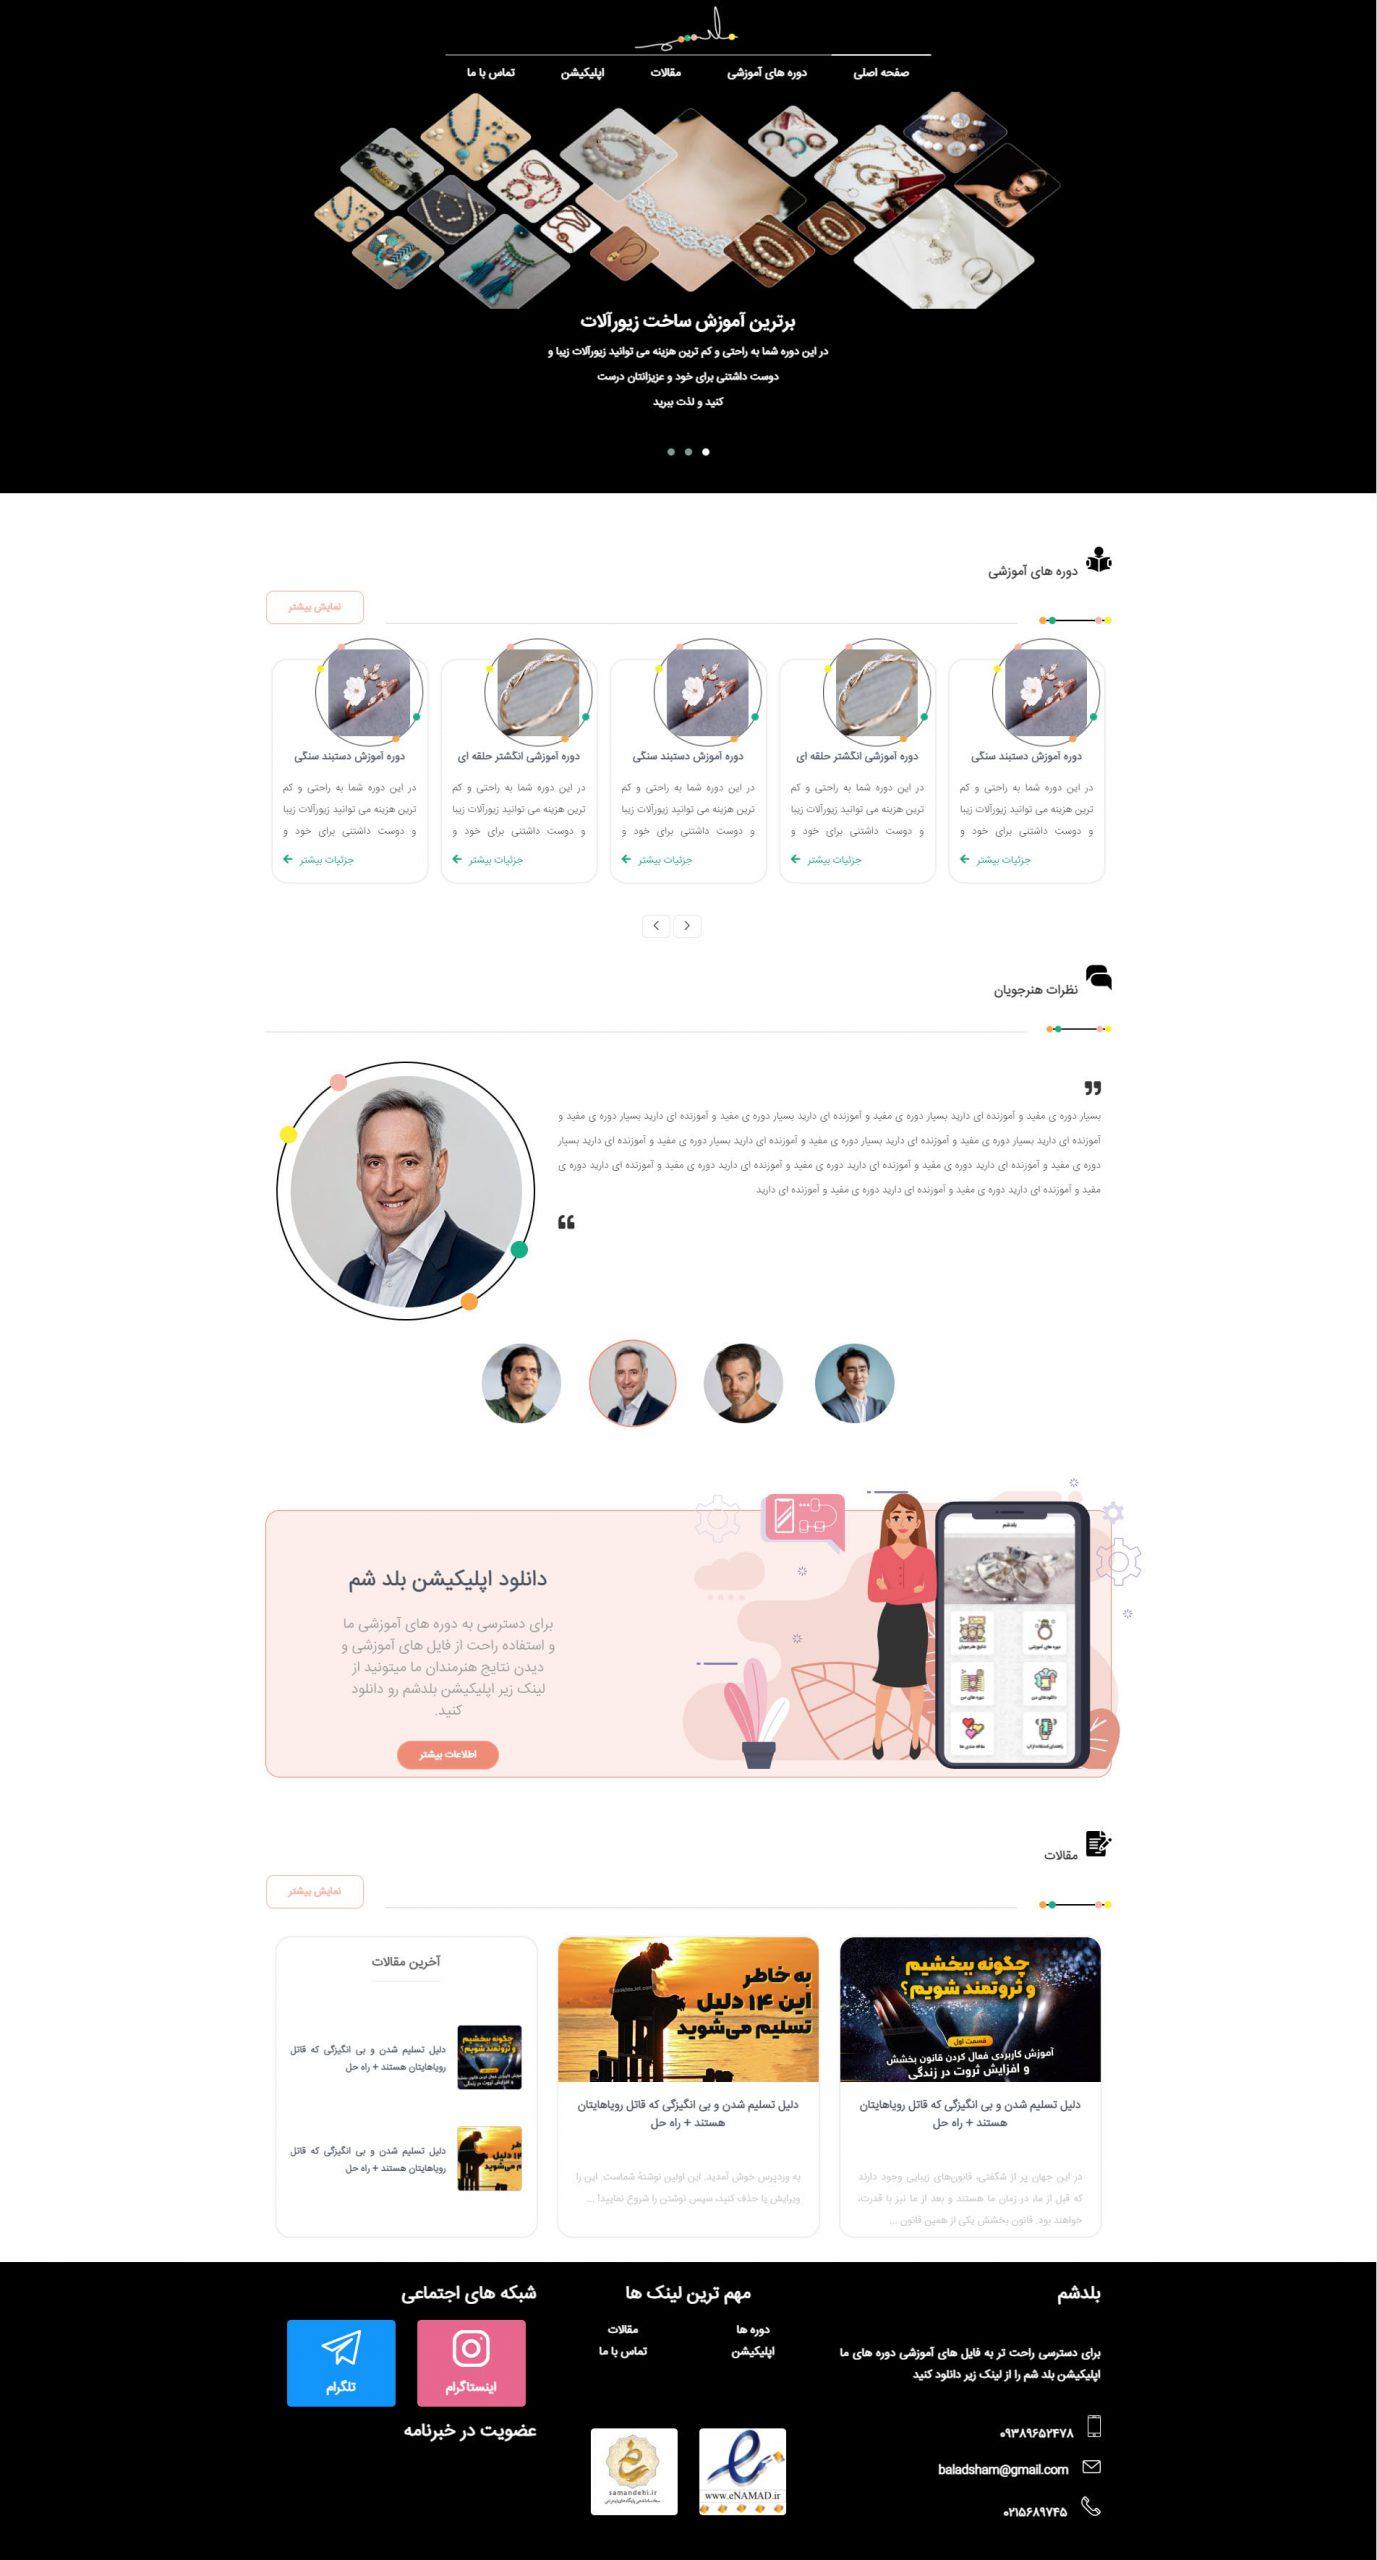 طراحی سایت,طراحی سایت آموزشی در قم,طراحی سایت بهینه